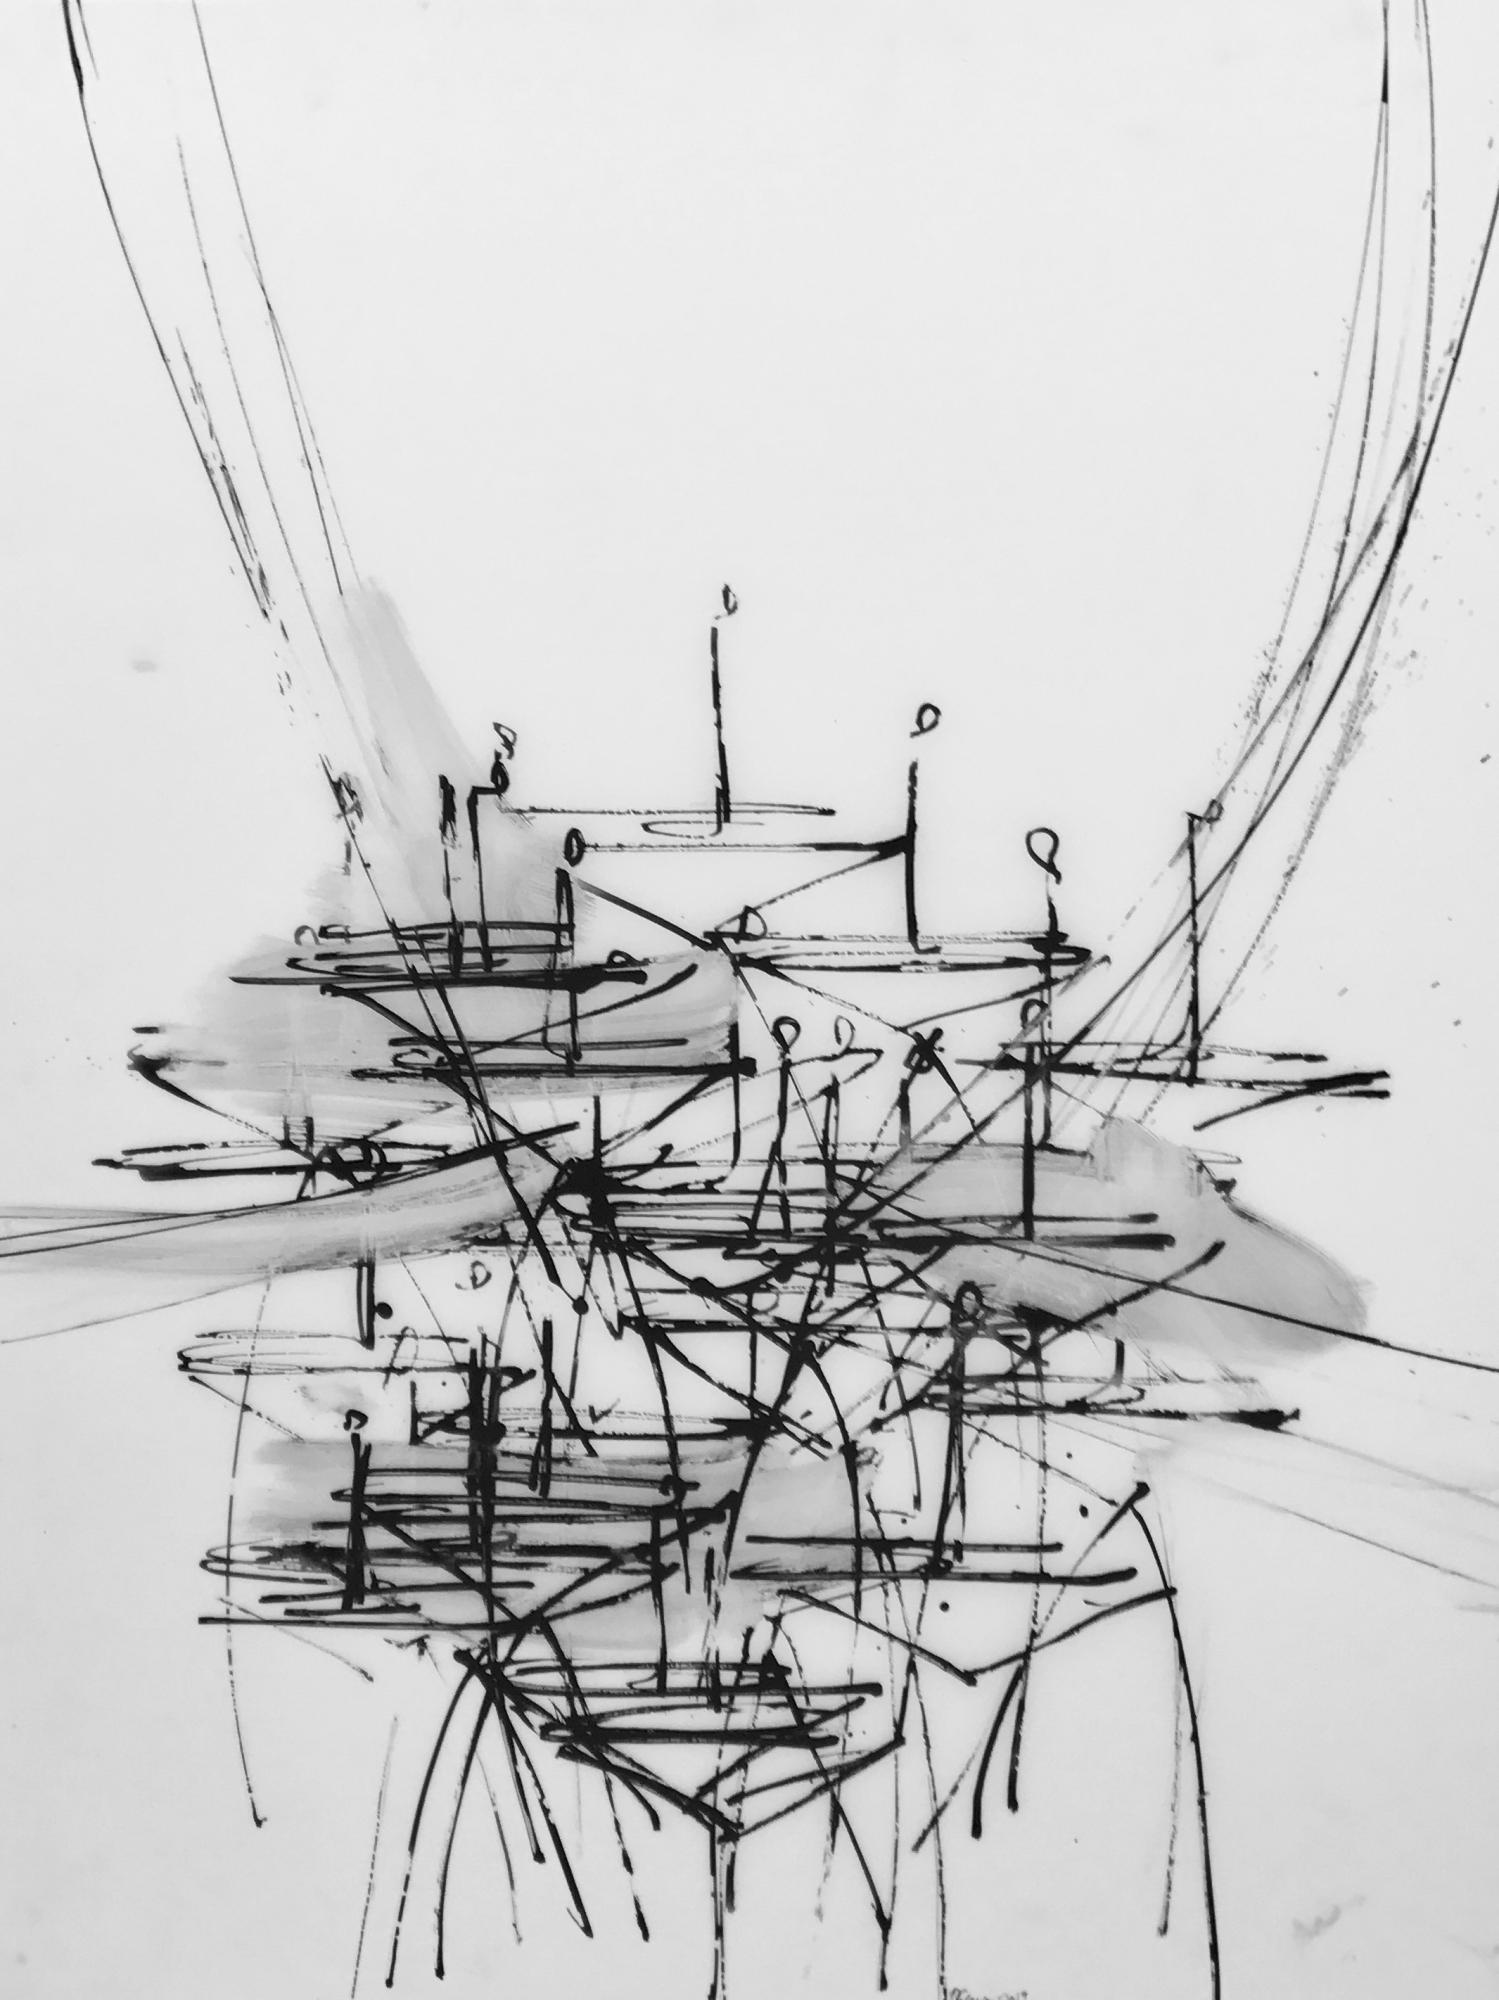 Chandelier 6 2019  by Daniel Schneider